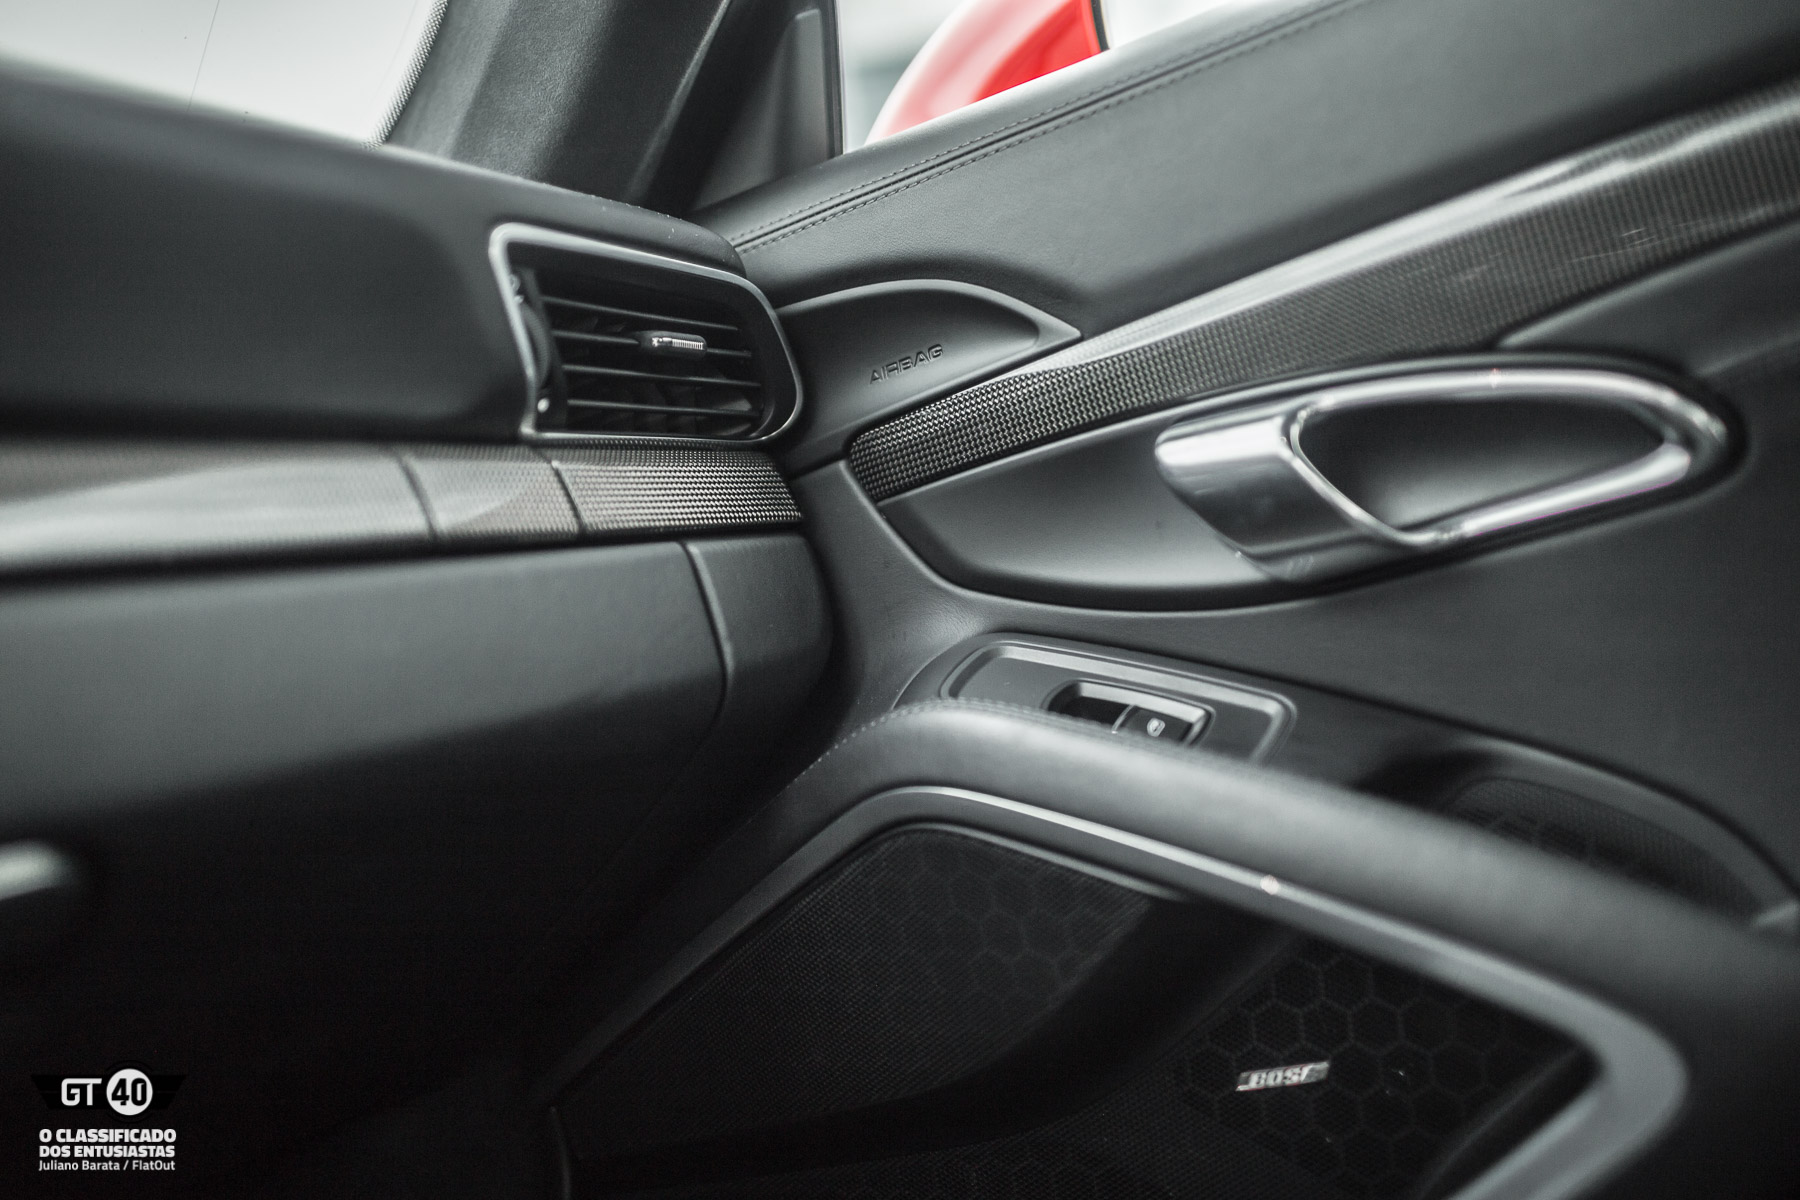 Porsche-Carrera-S-991-2-FlatOut-38